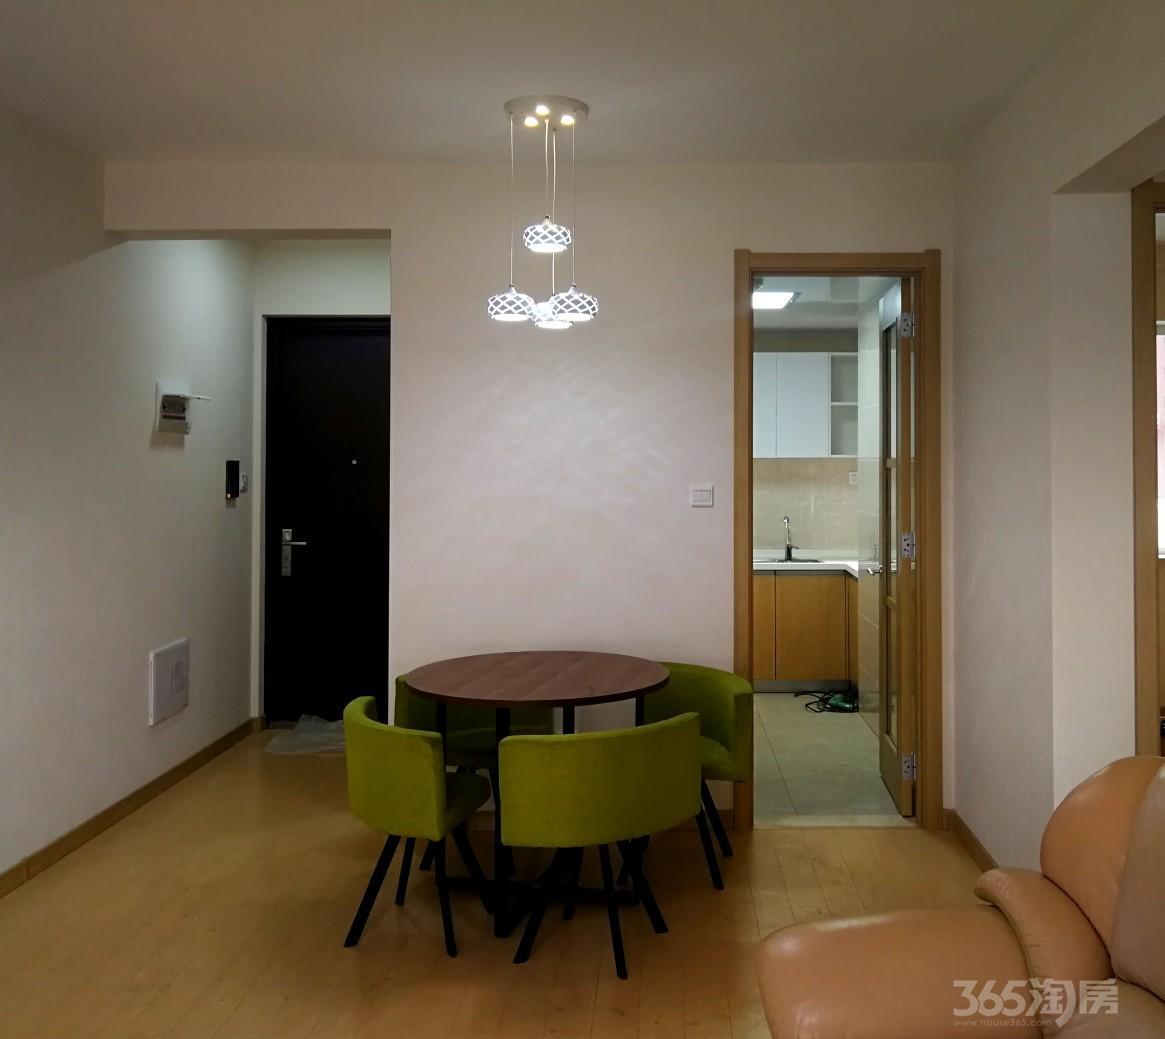 万科明天广场2室2厅1卫93平米整租精装